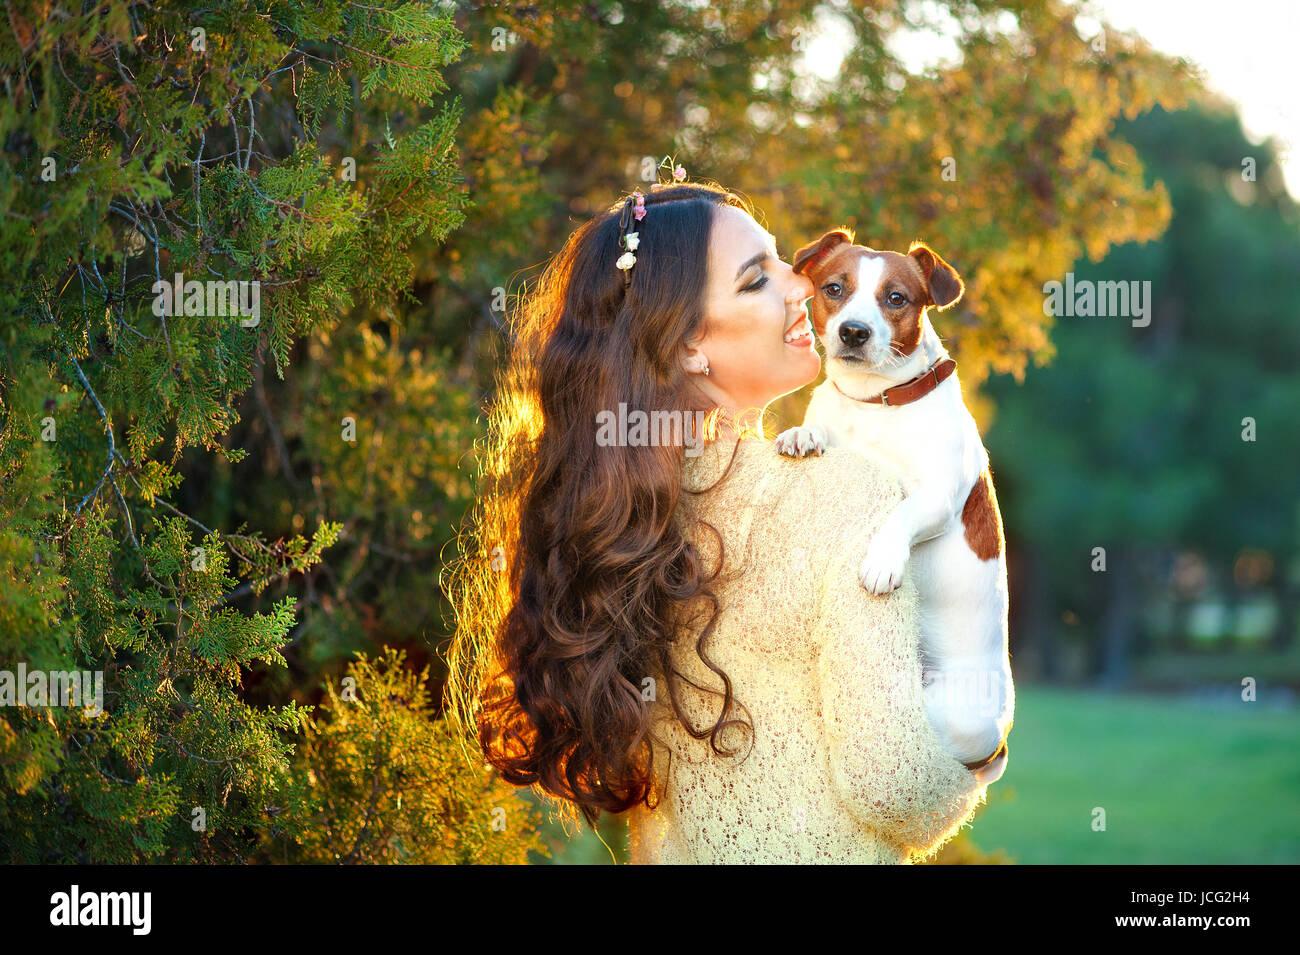 Bella Donna che gioca con il suo cane Jack Russell Terrier. Ritratto all'aperto. La serie Immagini Stock